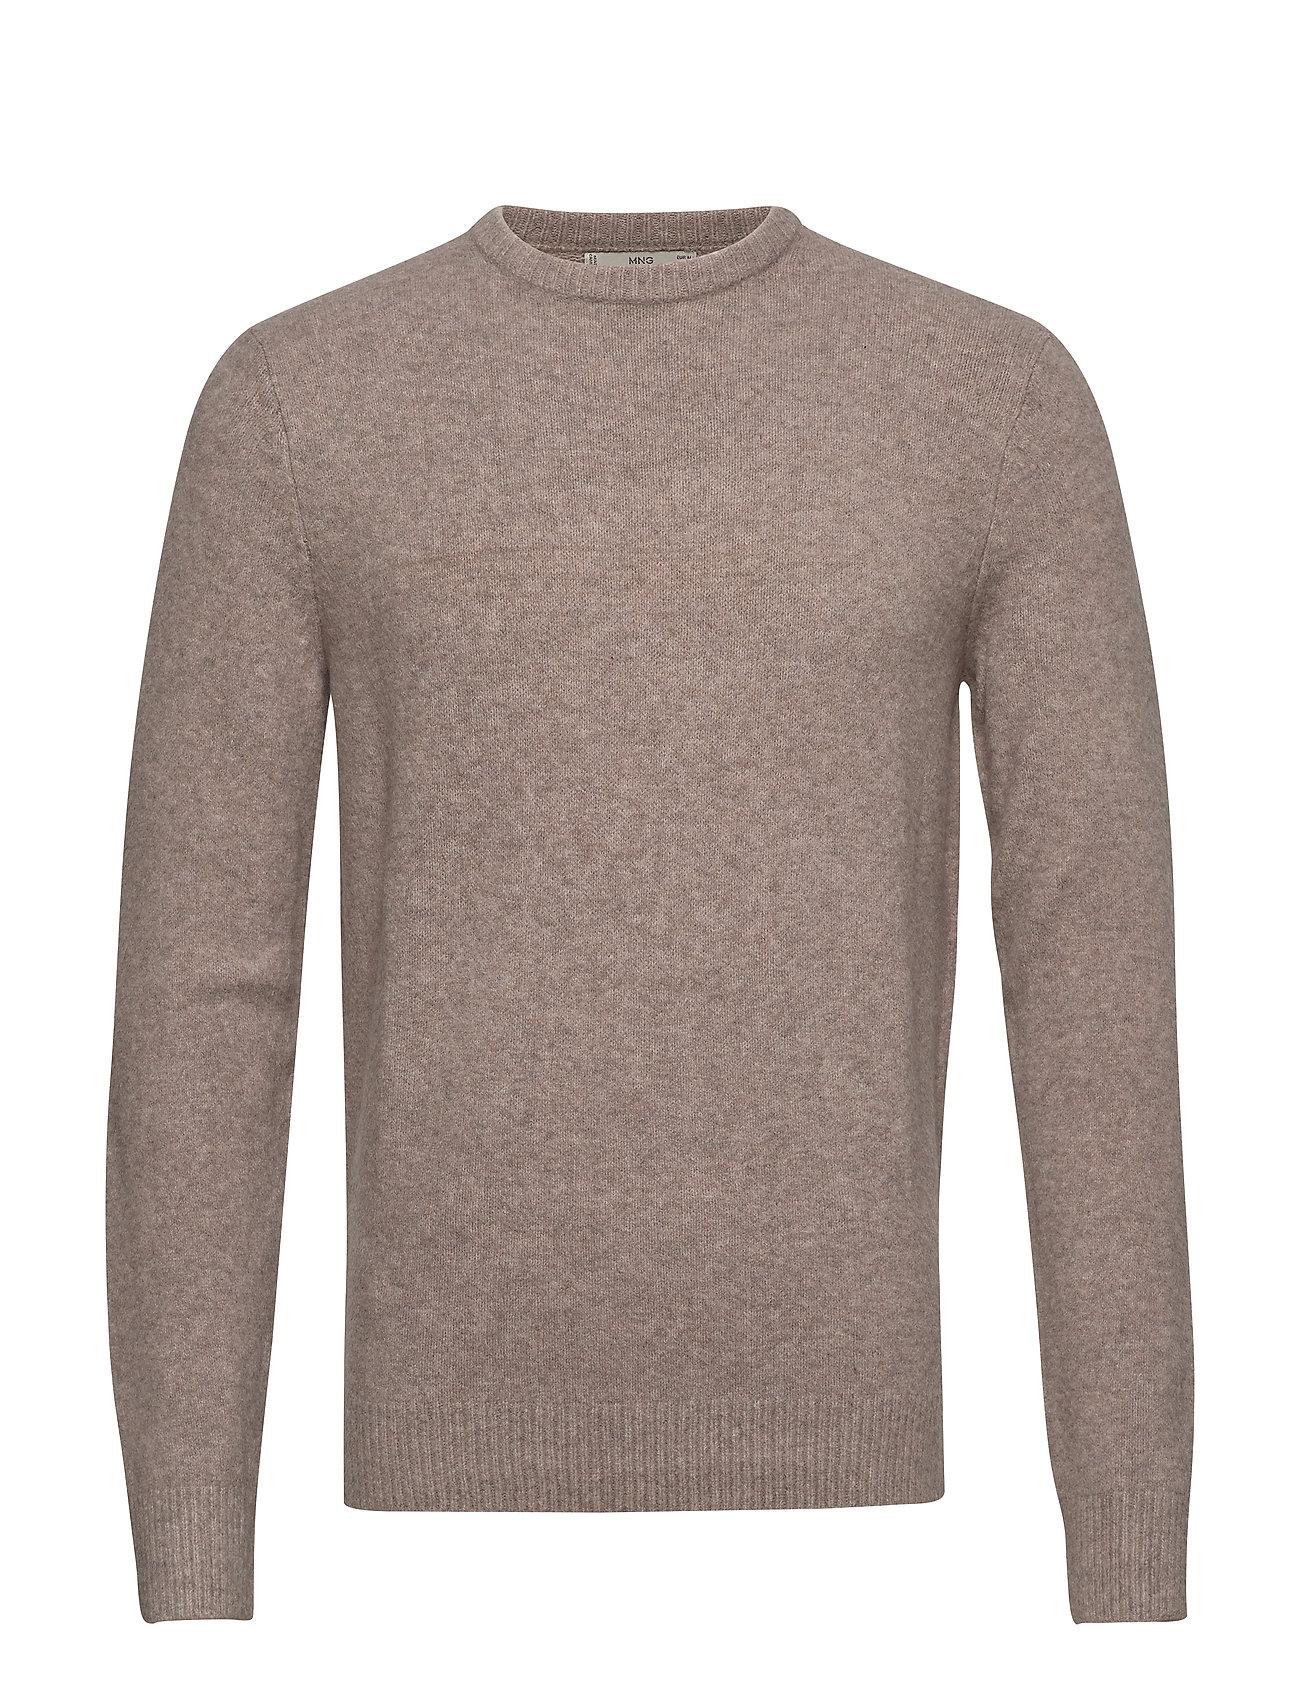 Mango Man Textured wool-blend sweater - LIGHT BEIGE